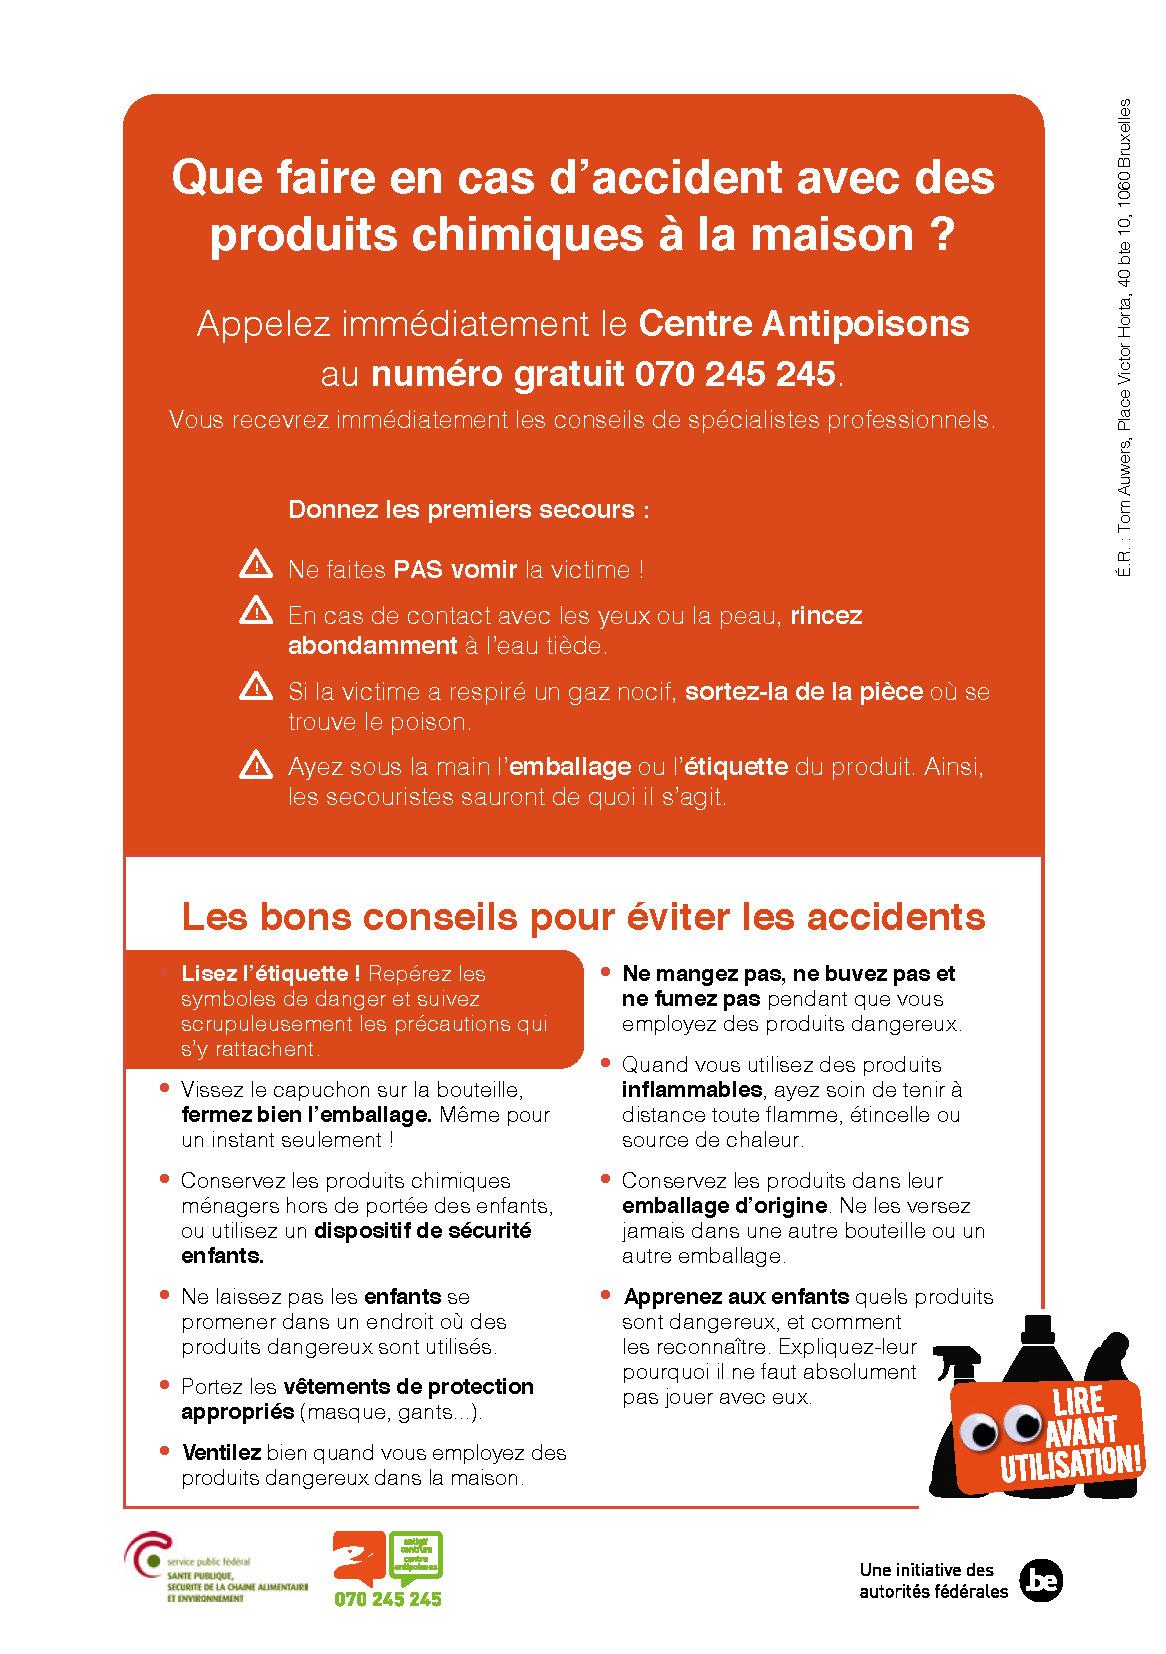 Que faire en cas d'accident avec des produits chimiques à la maison ?